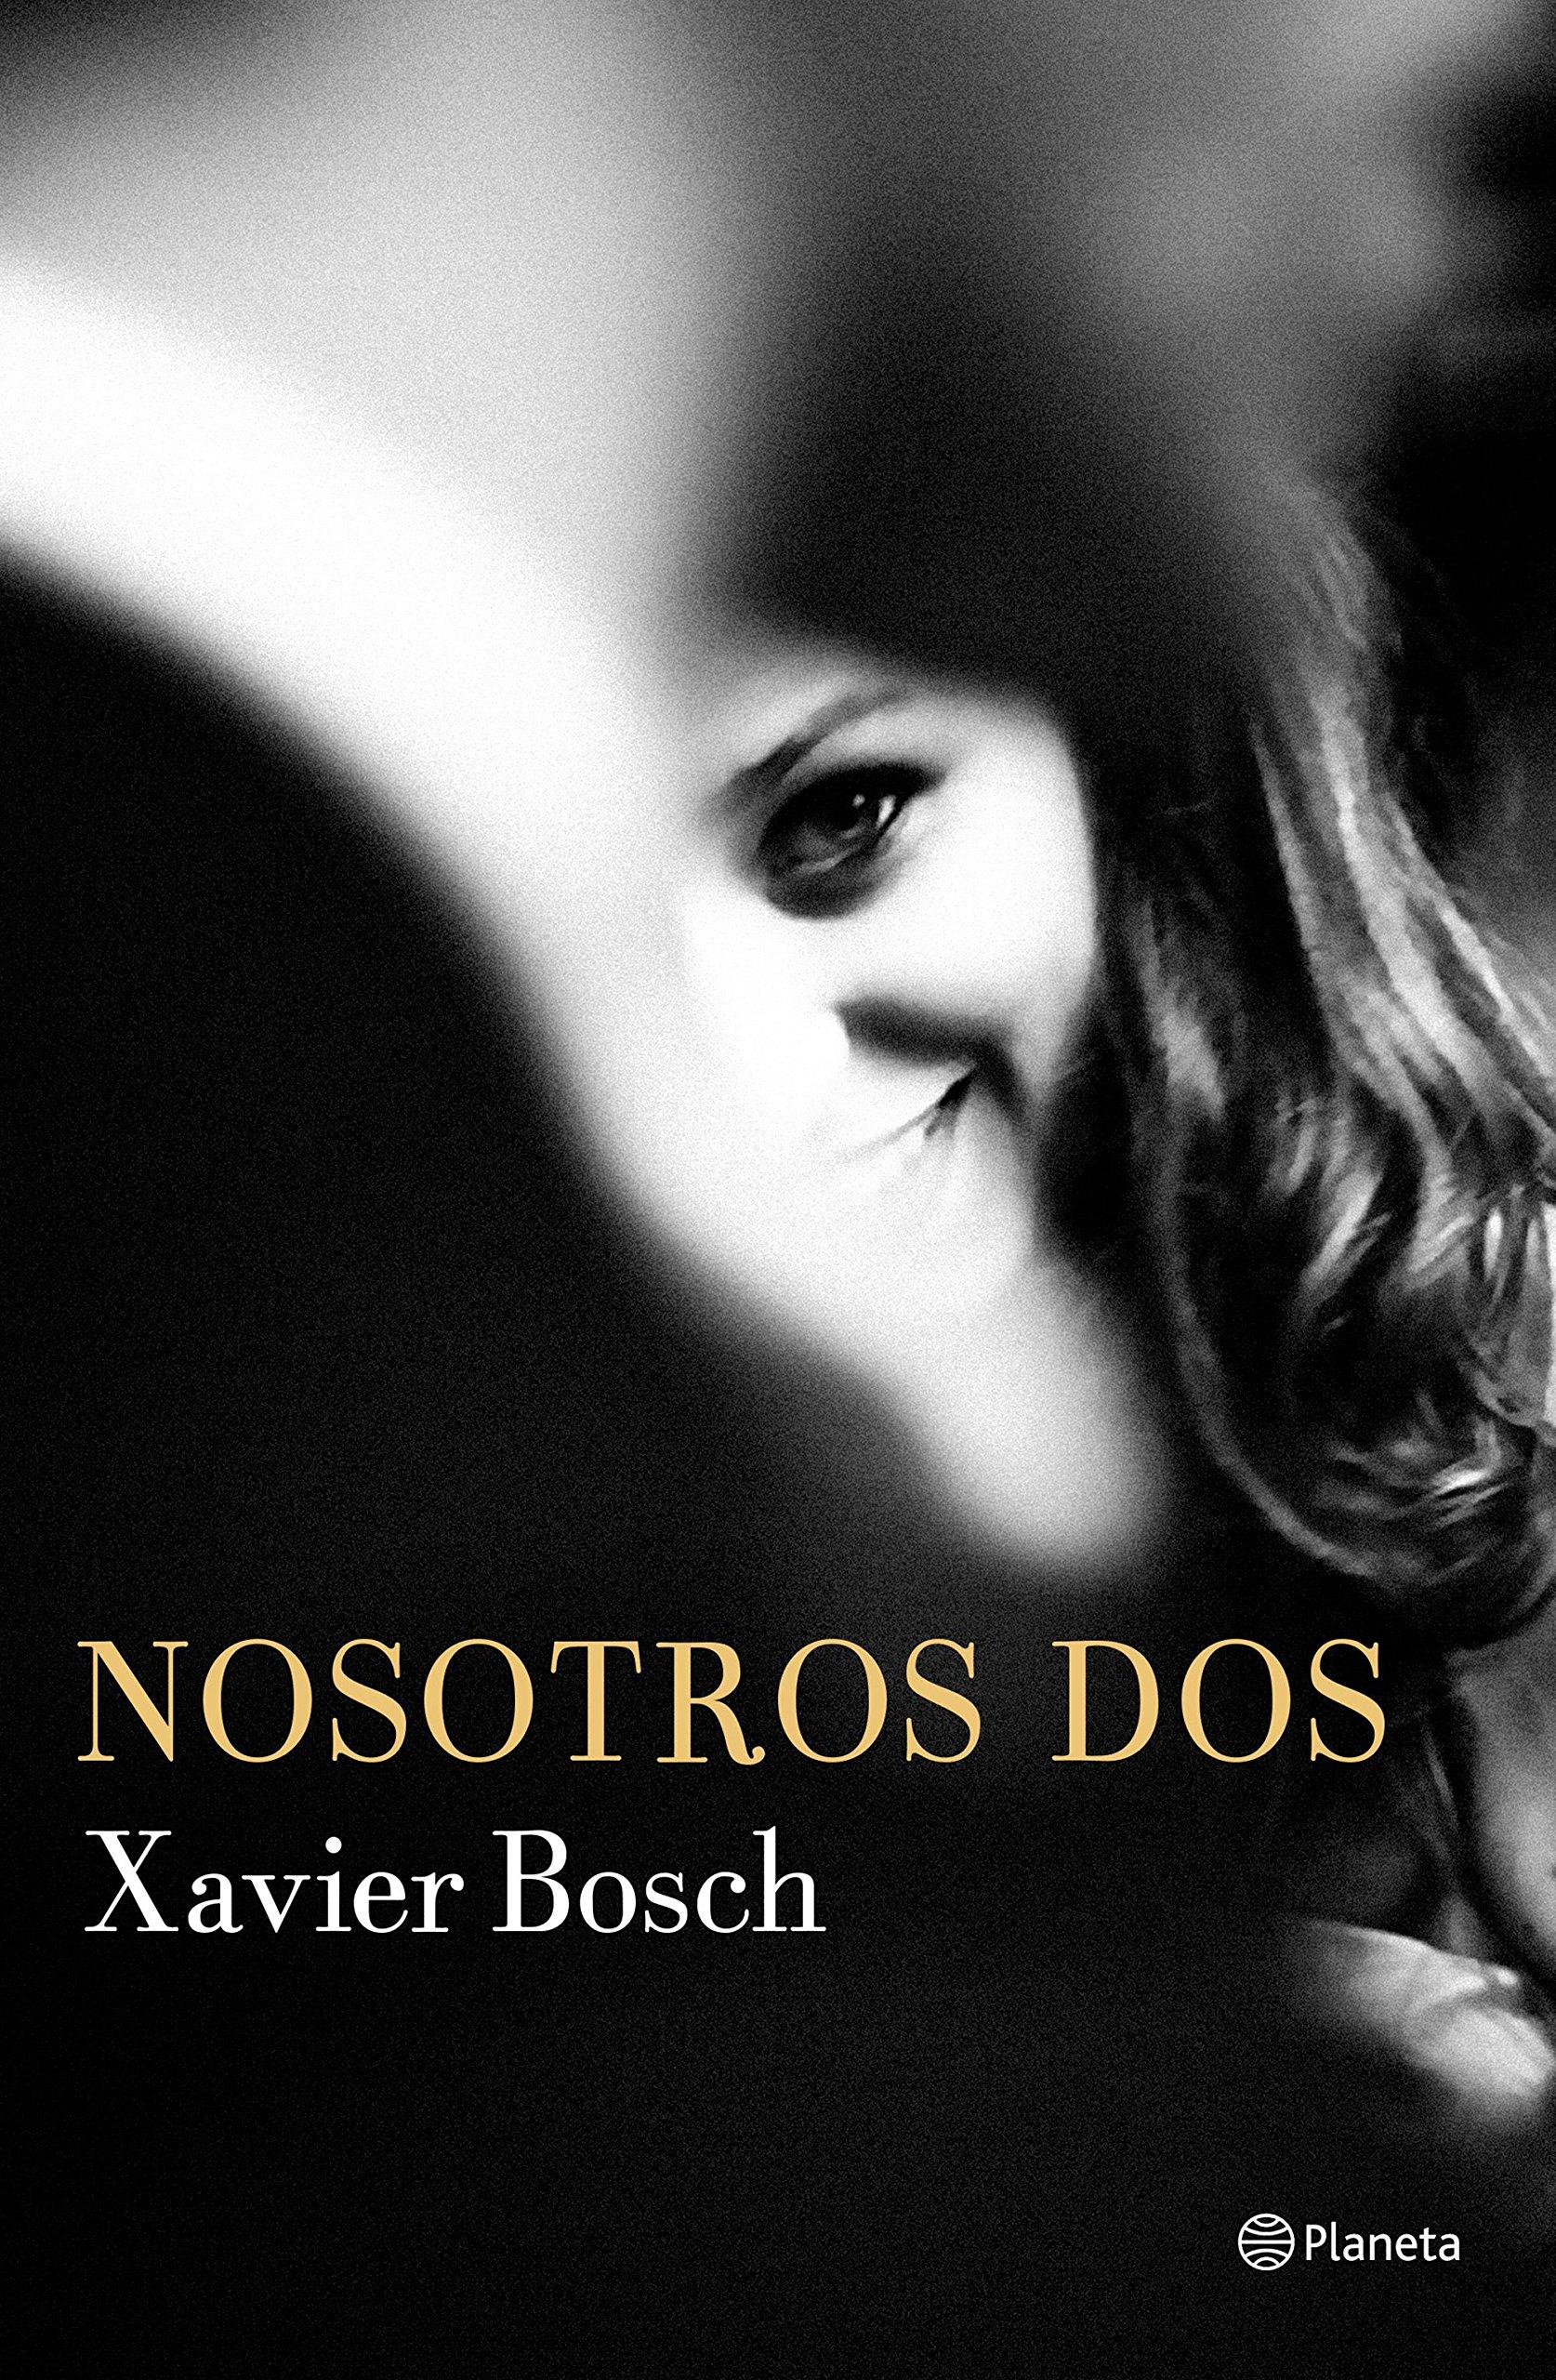 Nosotros dos (Autores Españoles e Iberoamericanos): Amazon.es: Xavier Bosch, Josep Escarré Reig: Libros